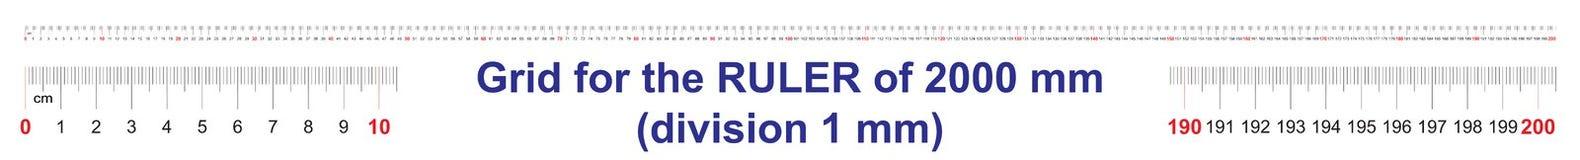 Grille pour une règle de 2000 millimètres, 200 centimètres, 2 mètres Grille de calibrage Division de valeur 1 millimètre